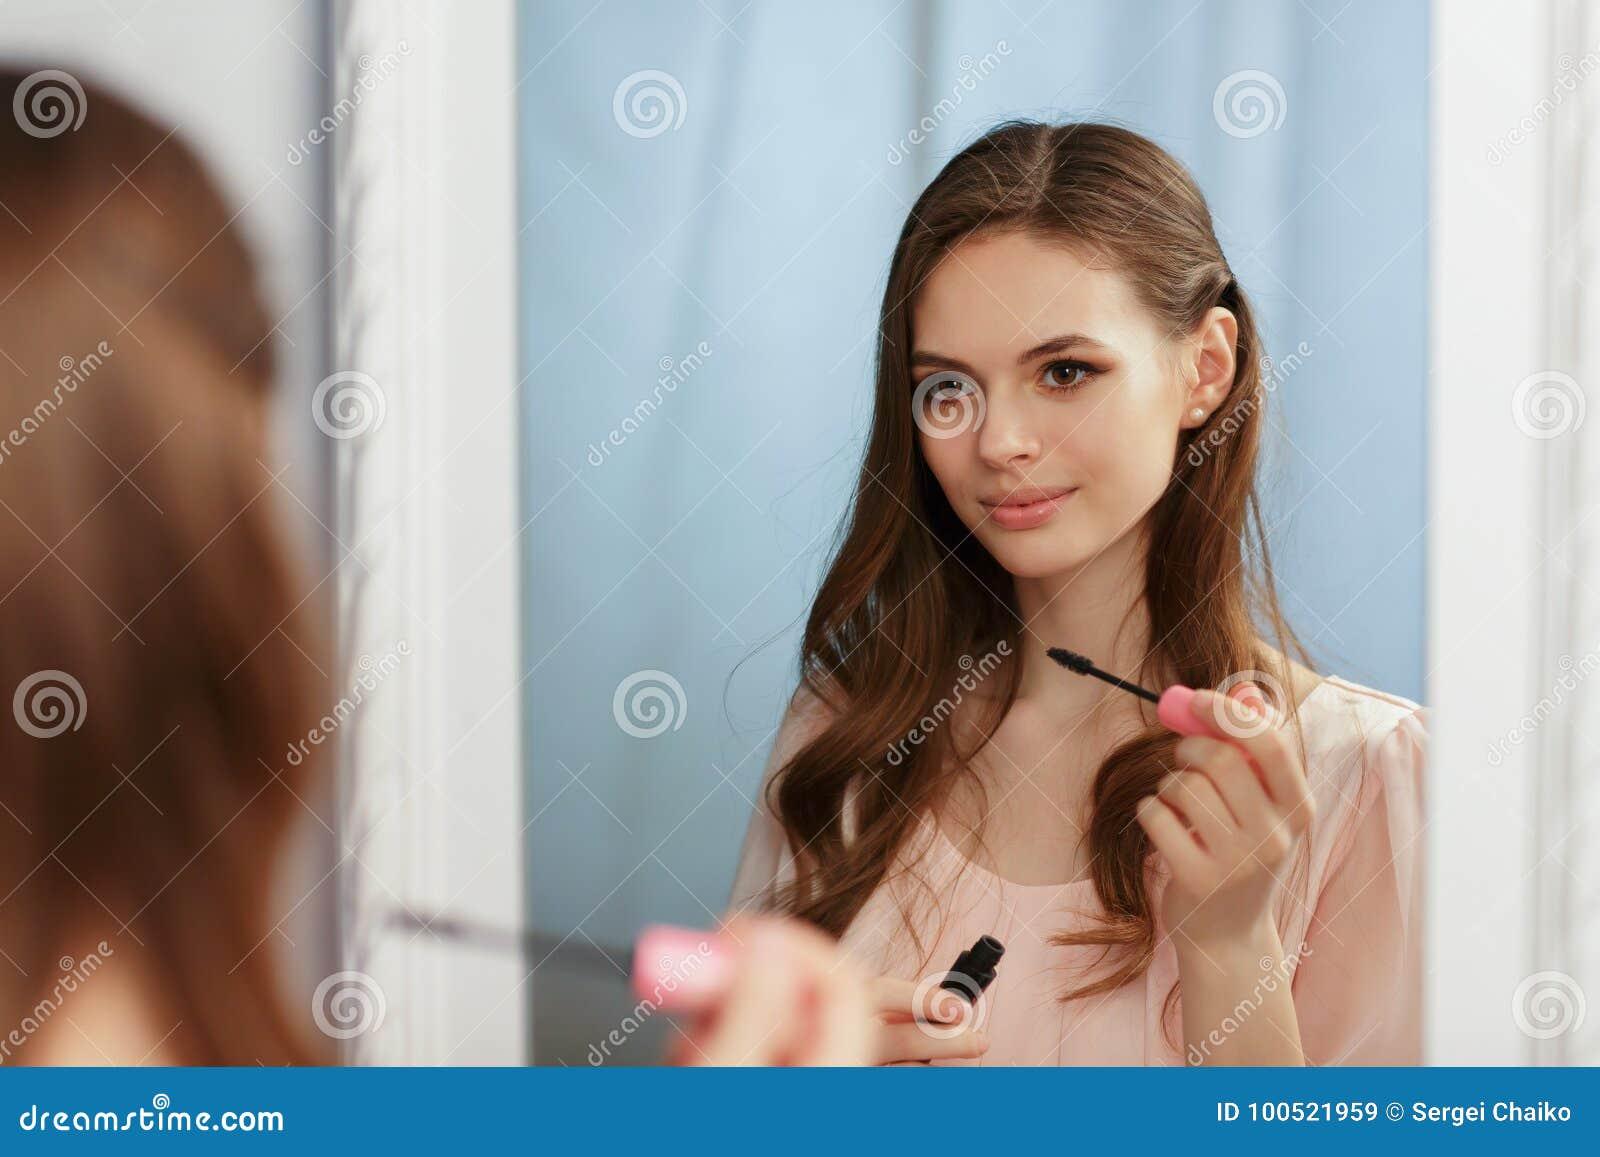 Τι γίνεται με ένα κορίτσι αγγελίες εξαπάτησης ρομαντισμό και γνωριμίες απάτες